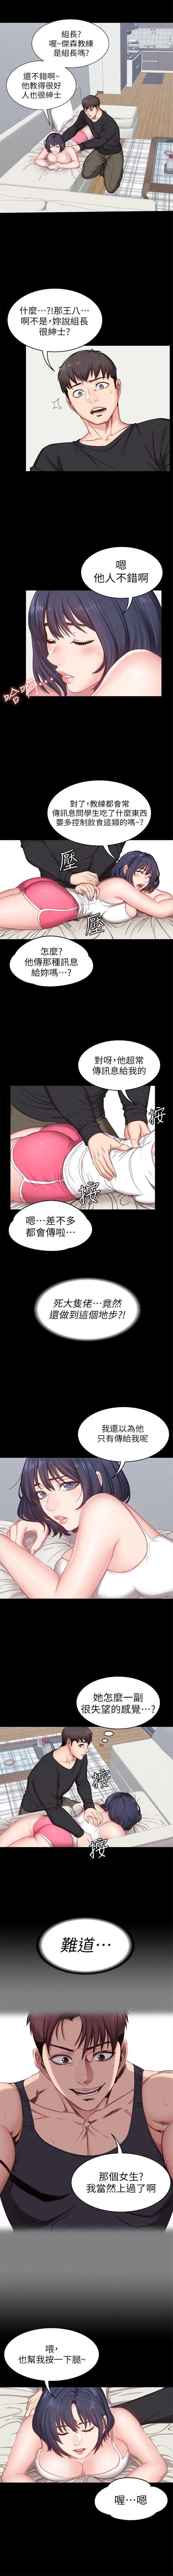 (周3)健身教练 1-29 中文翻译 (更新中) 38